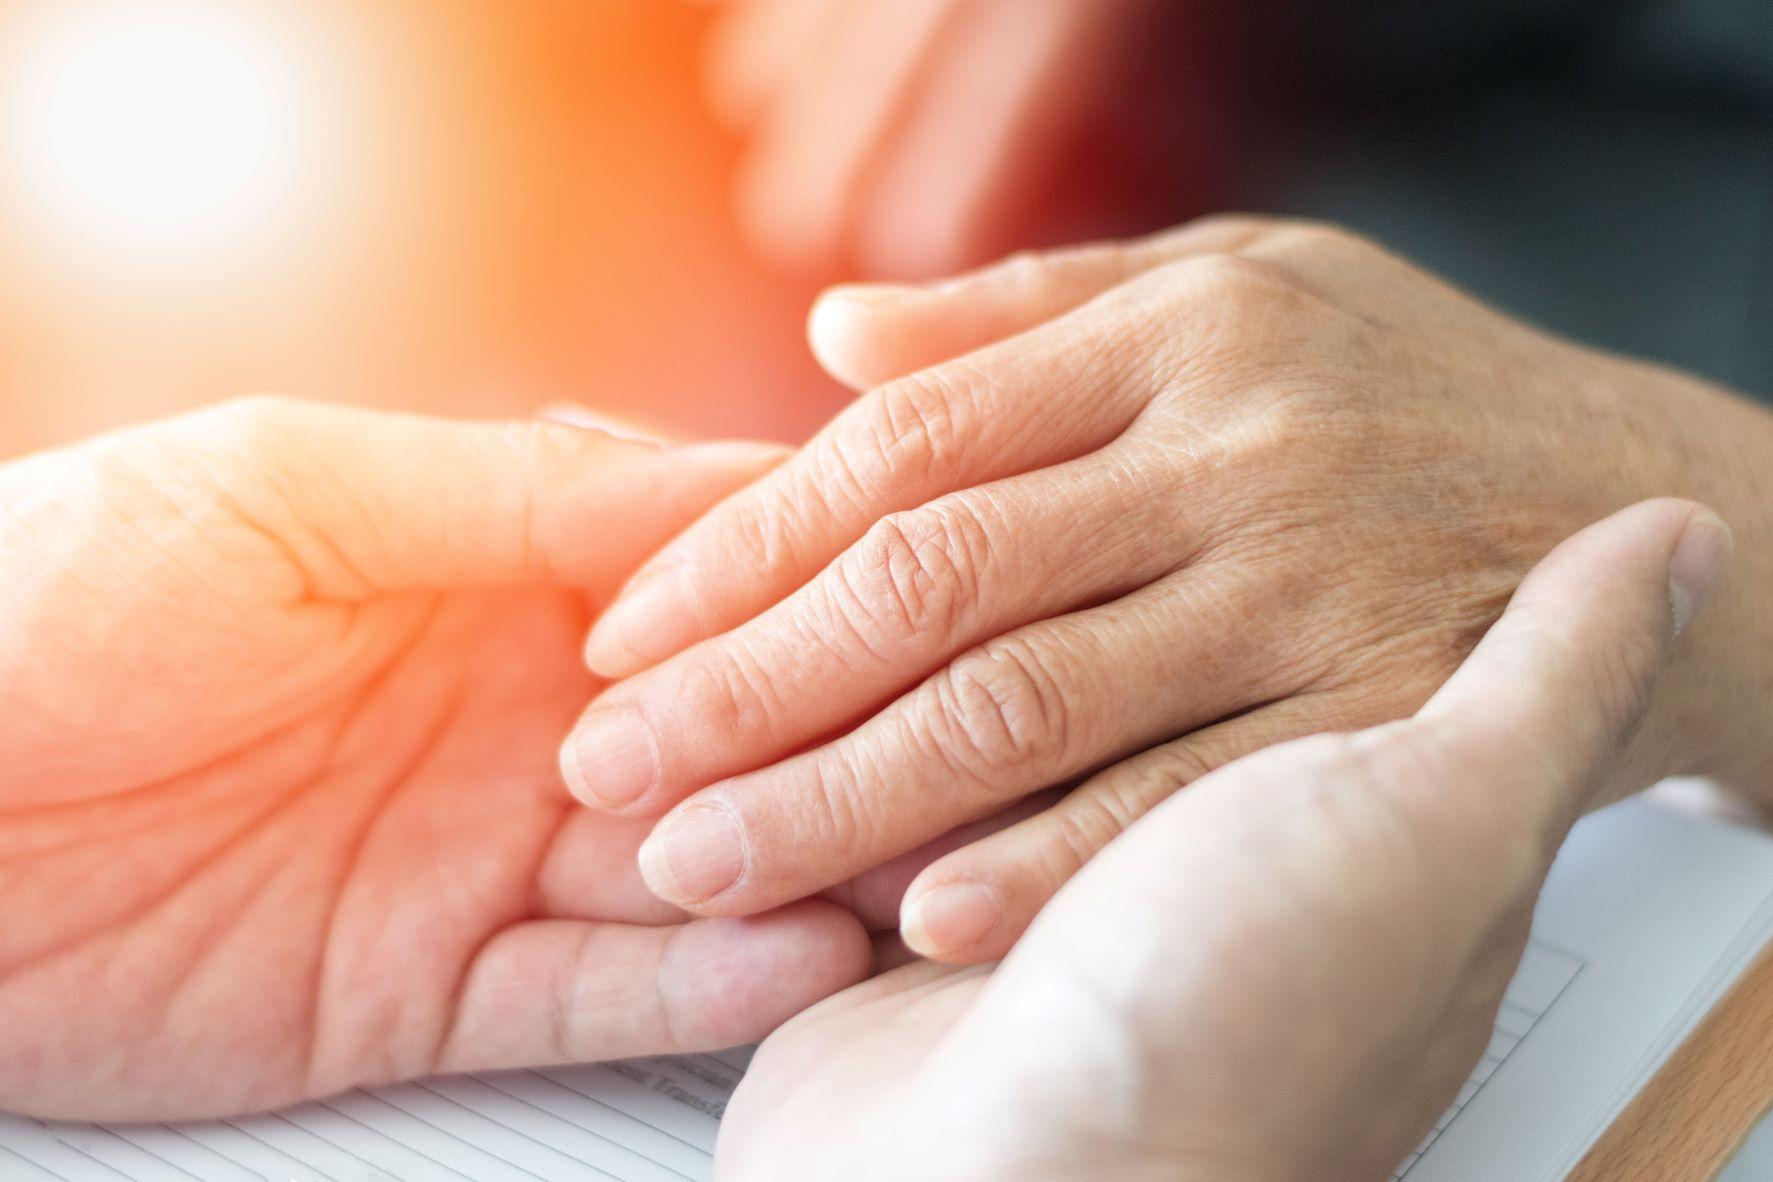 Veranstaltung: SELBST-BESTIMMT-STERBEN – Hospizdienst und KEB werben für würdiges, erfülltes Leben bis zuletzt